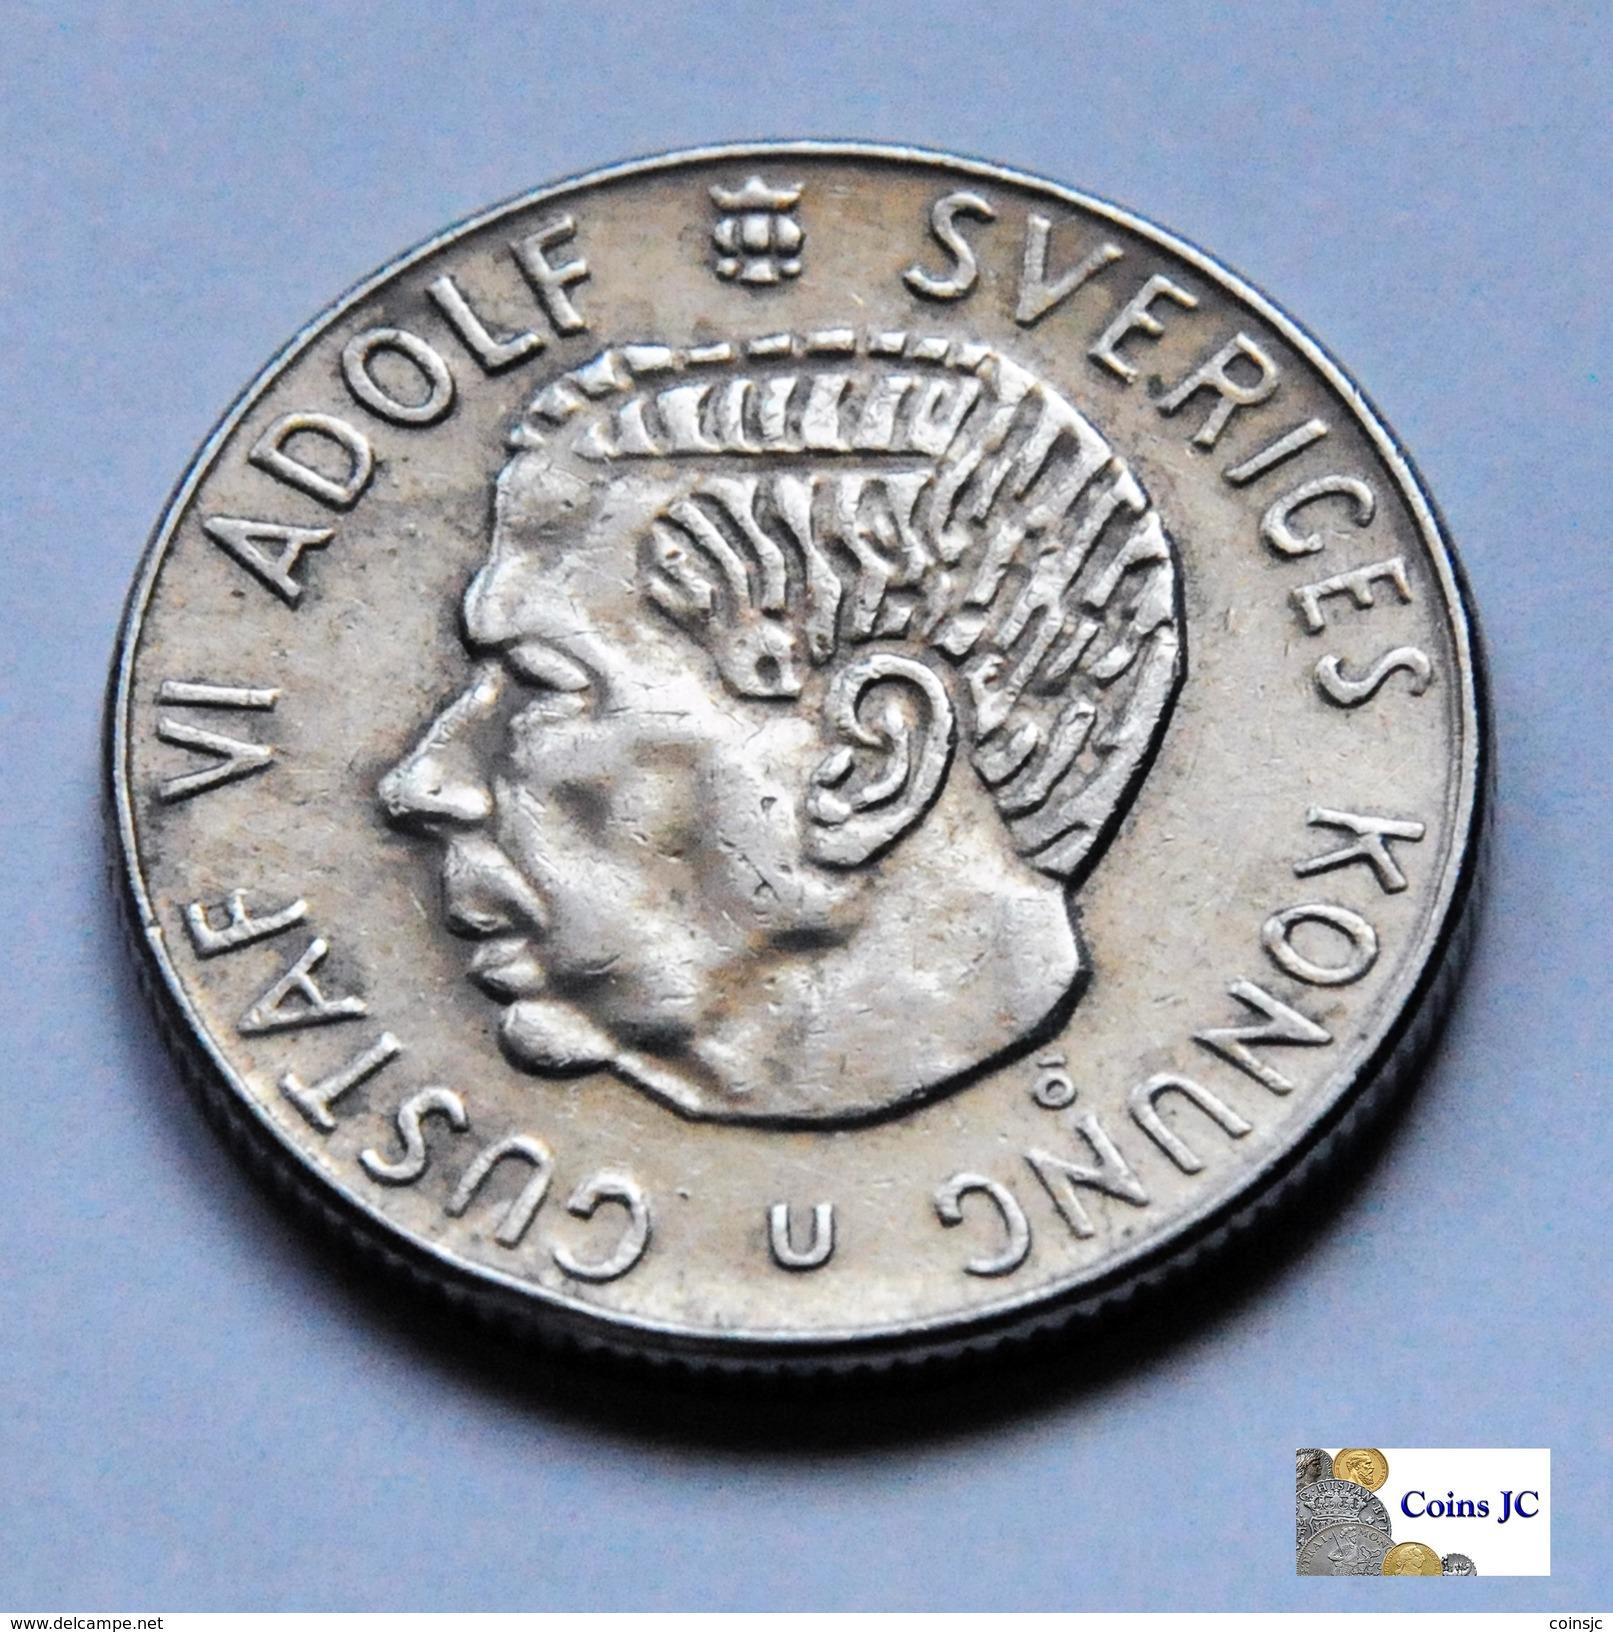 Suecia - 1 Krona - 1972 - Suecia